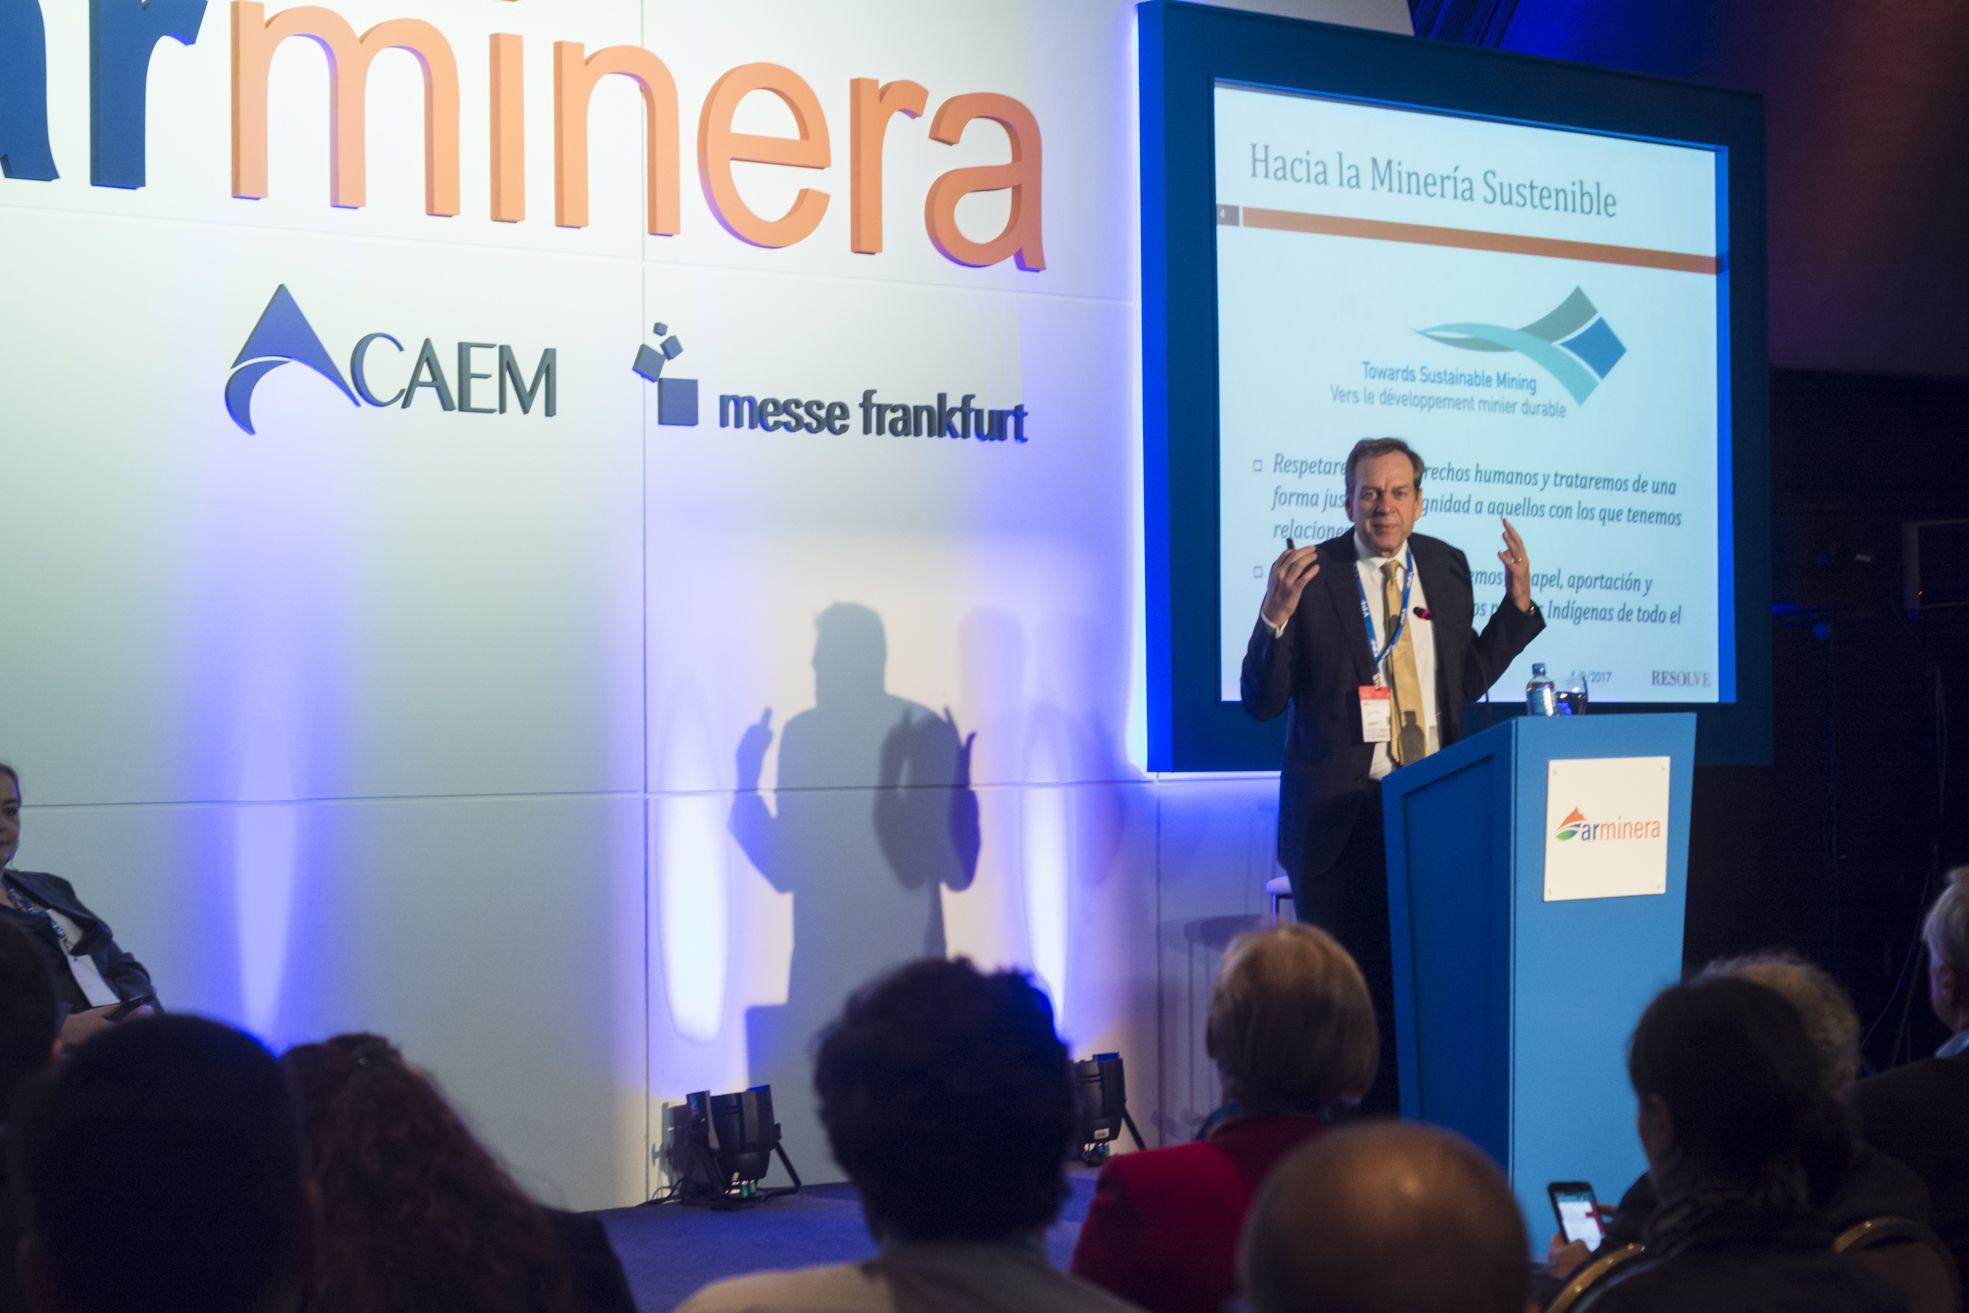 Industria minera argentina prepara sus innovaciones de cara a Arminera 2019